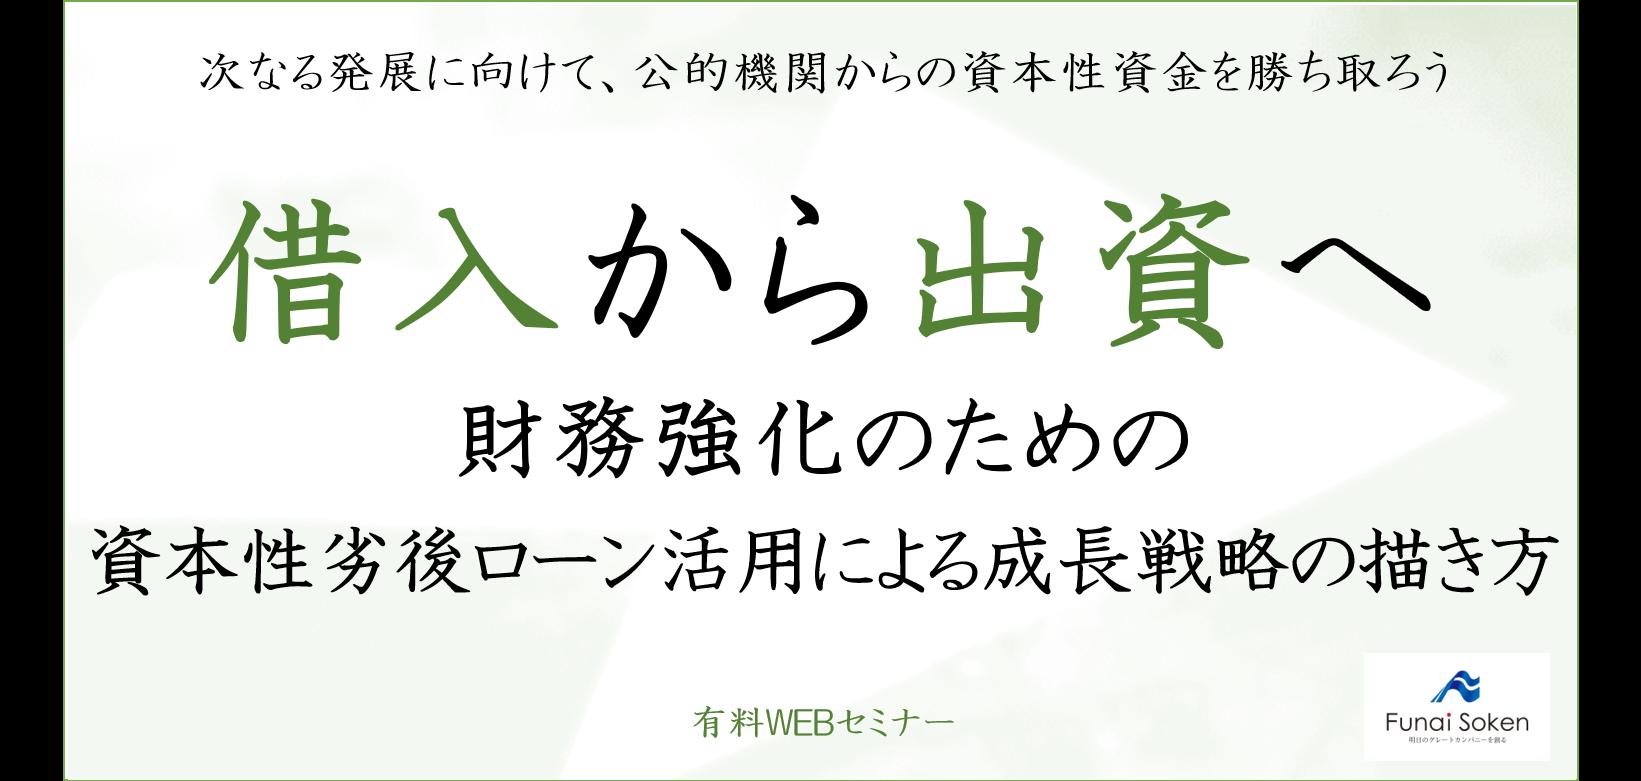 【webセミナー】資本性ローン活用による成長戦略の進め方